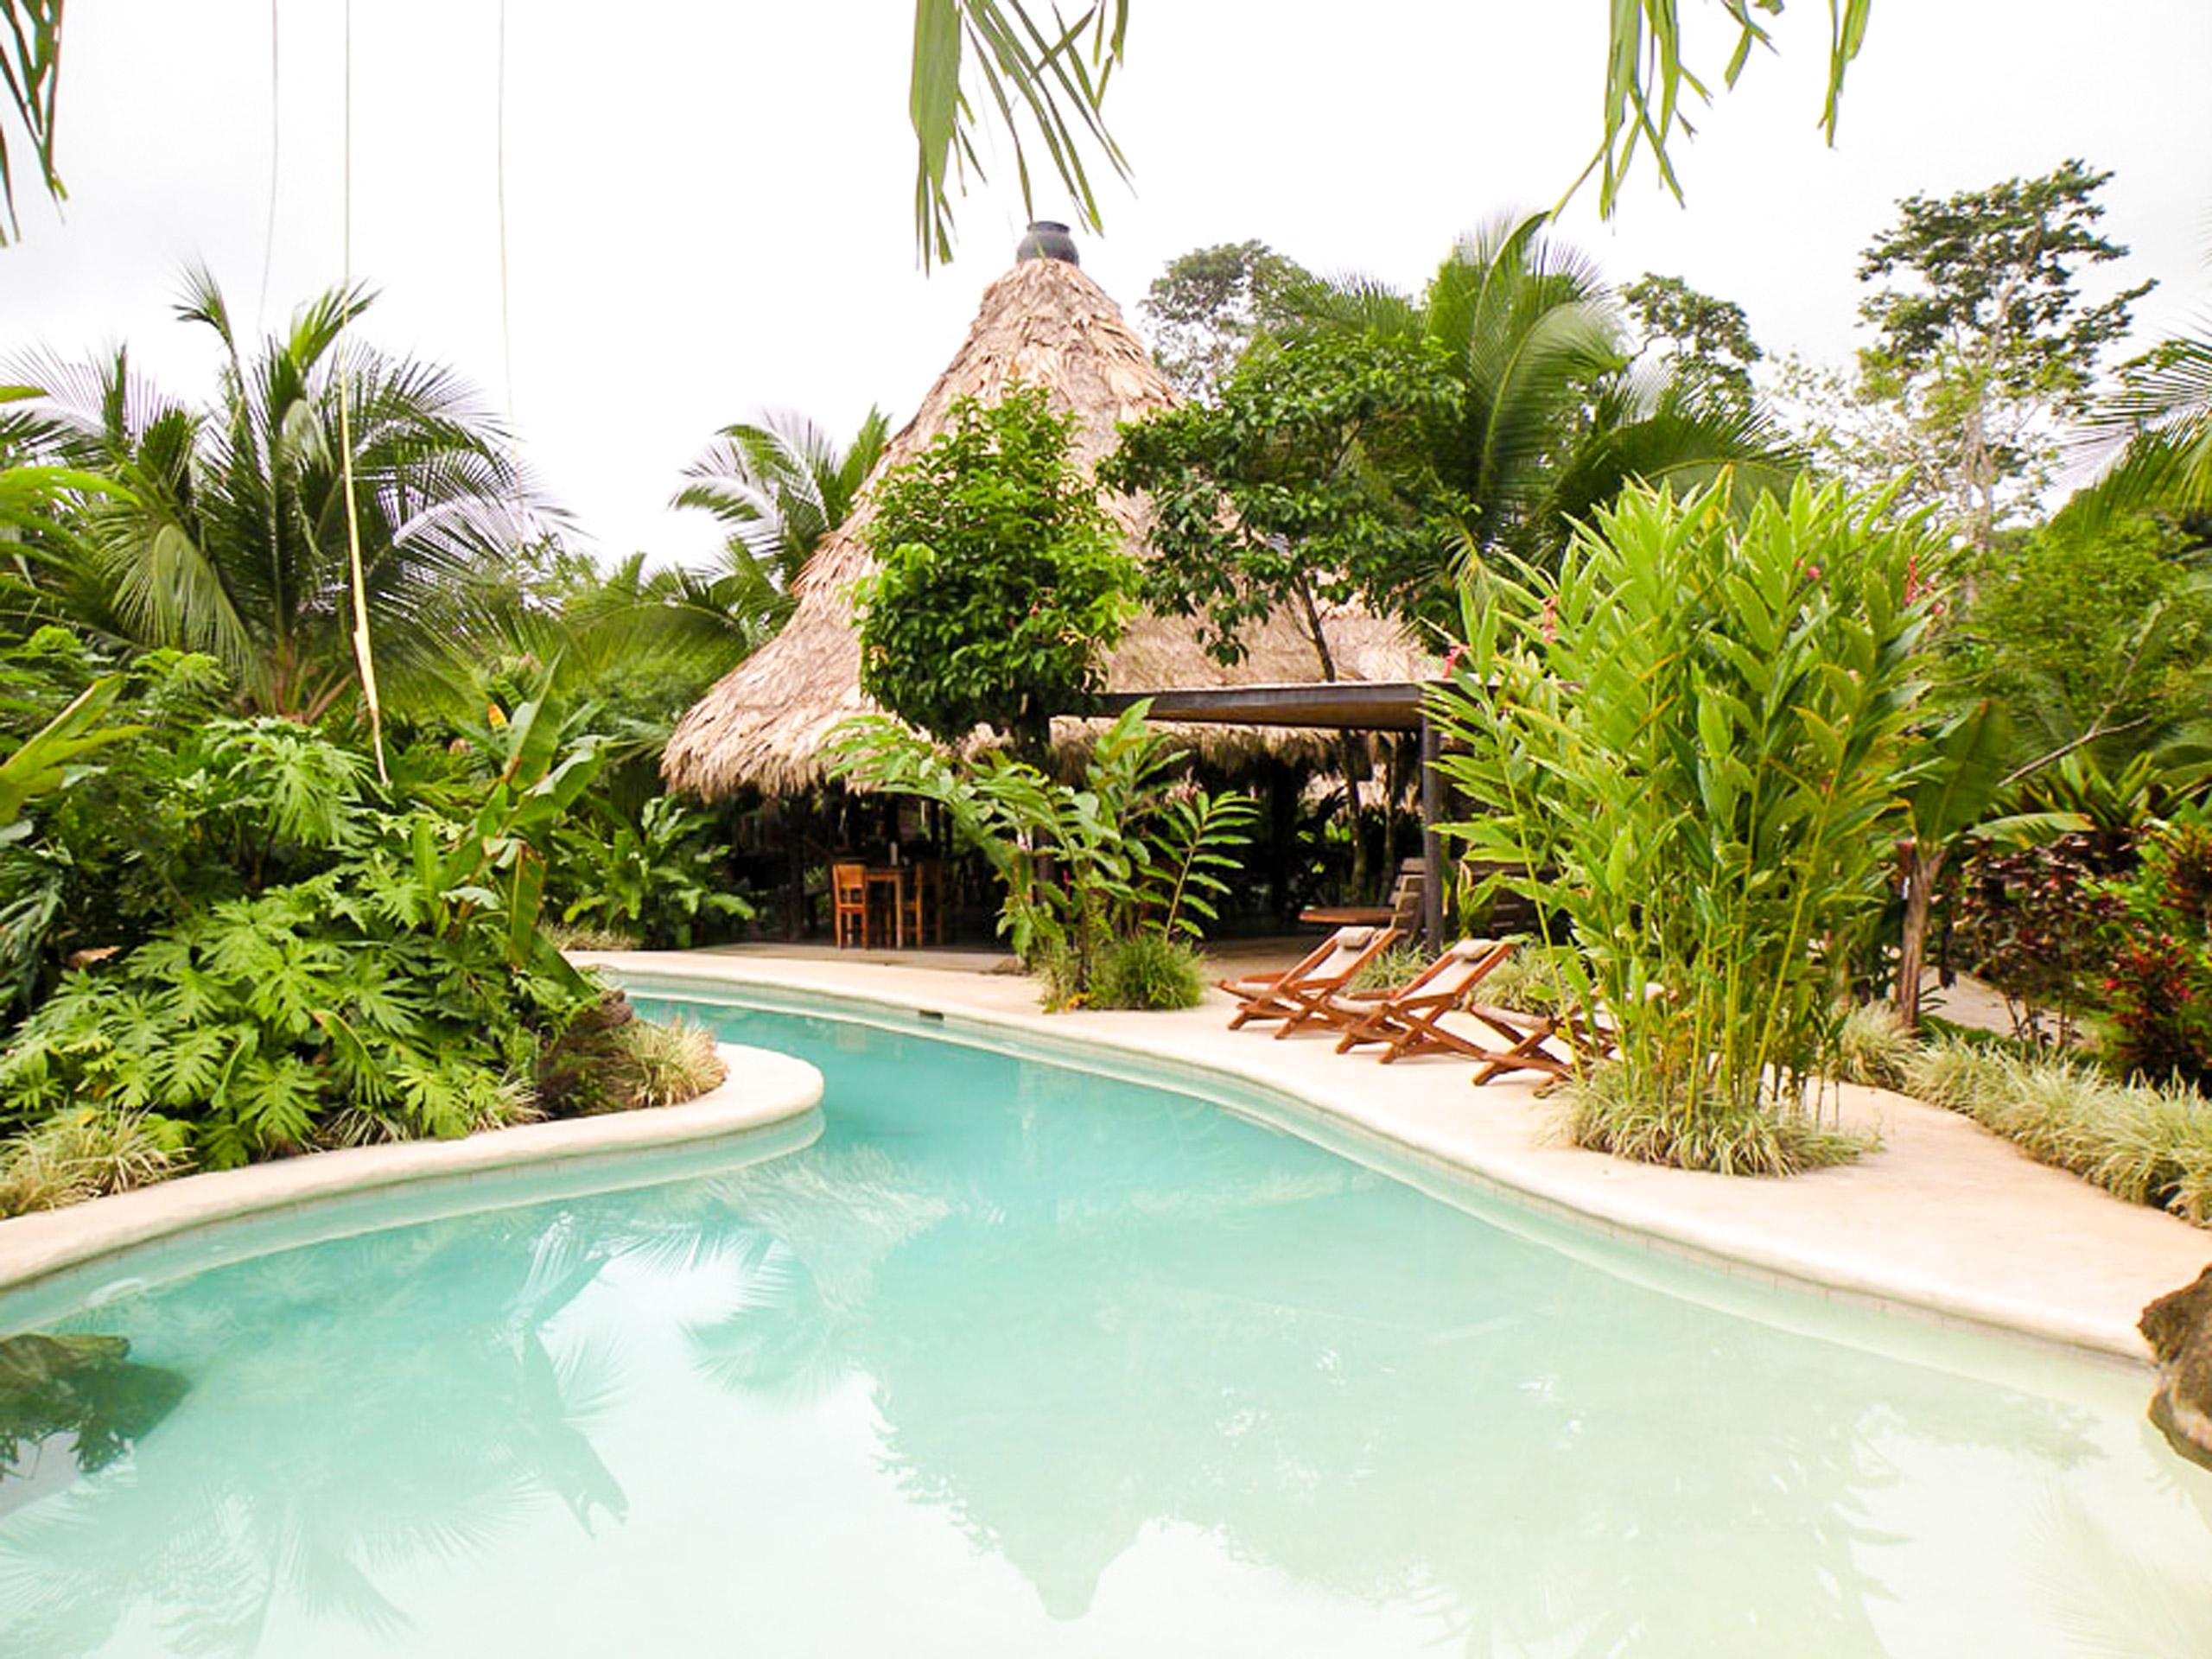 Azania Bungalows pool view